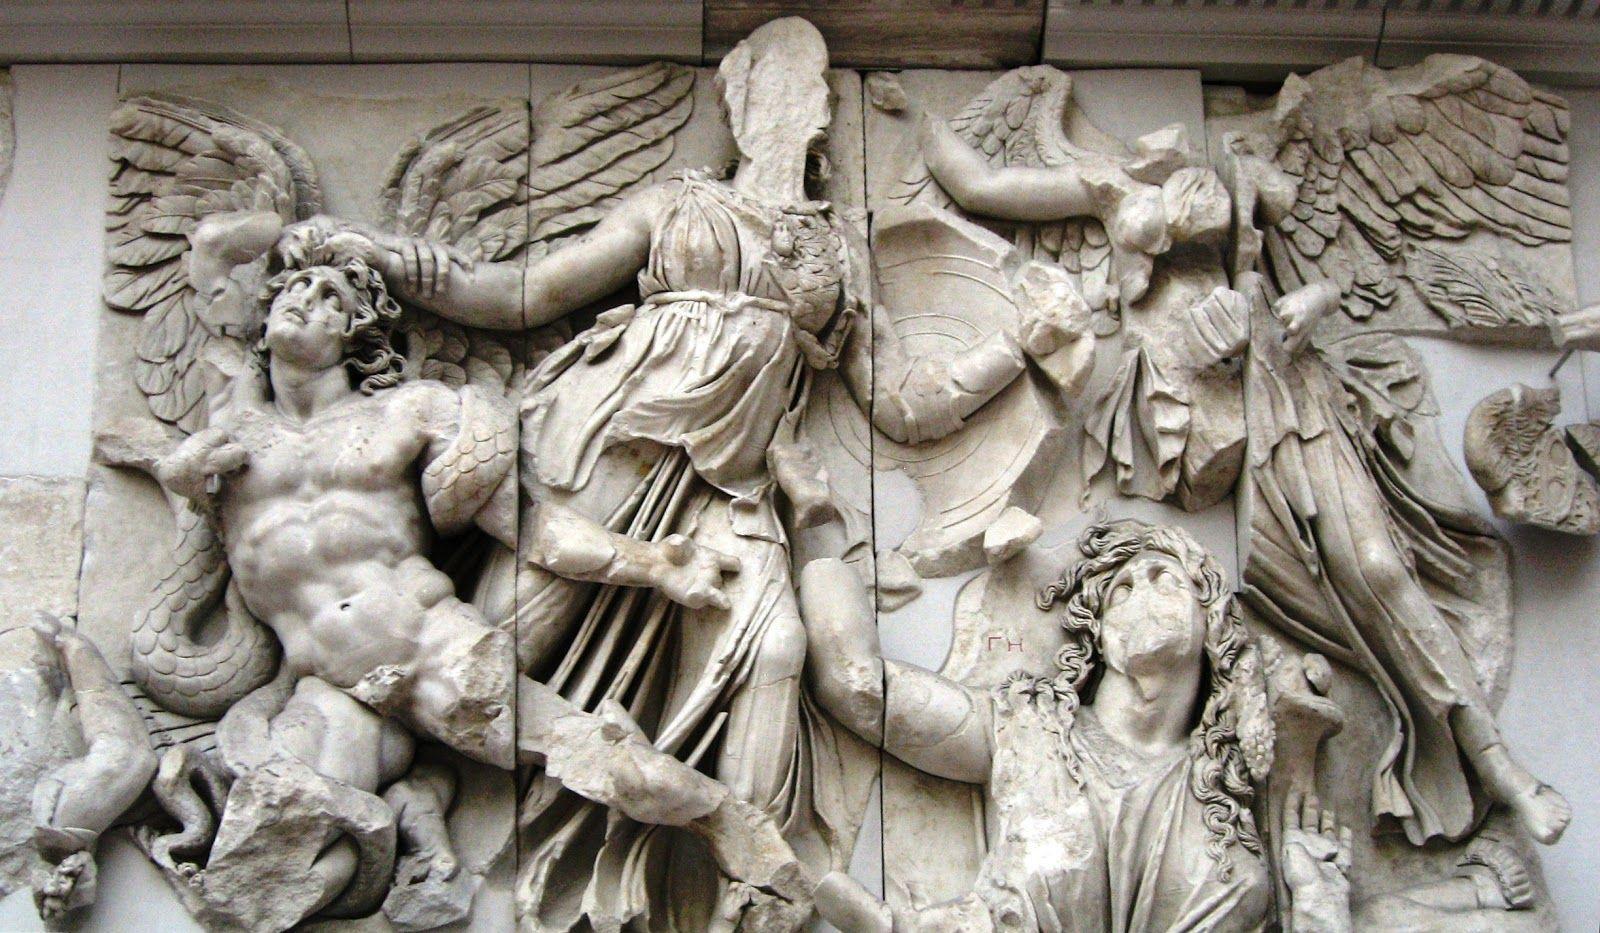 Altar De Zeus De Pergam 180 160 A C Pergamonmuseum Berlin Lluita D Atenea I Alcioneo Atenea Agafa Al Gegant I Alcioneo Pels Cabells Es D Est Museum Welt